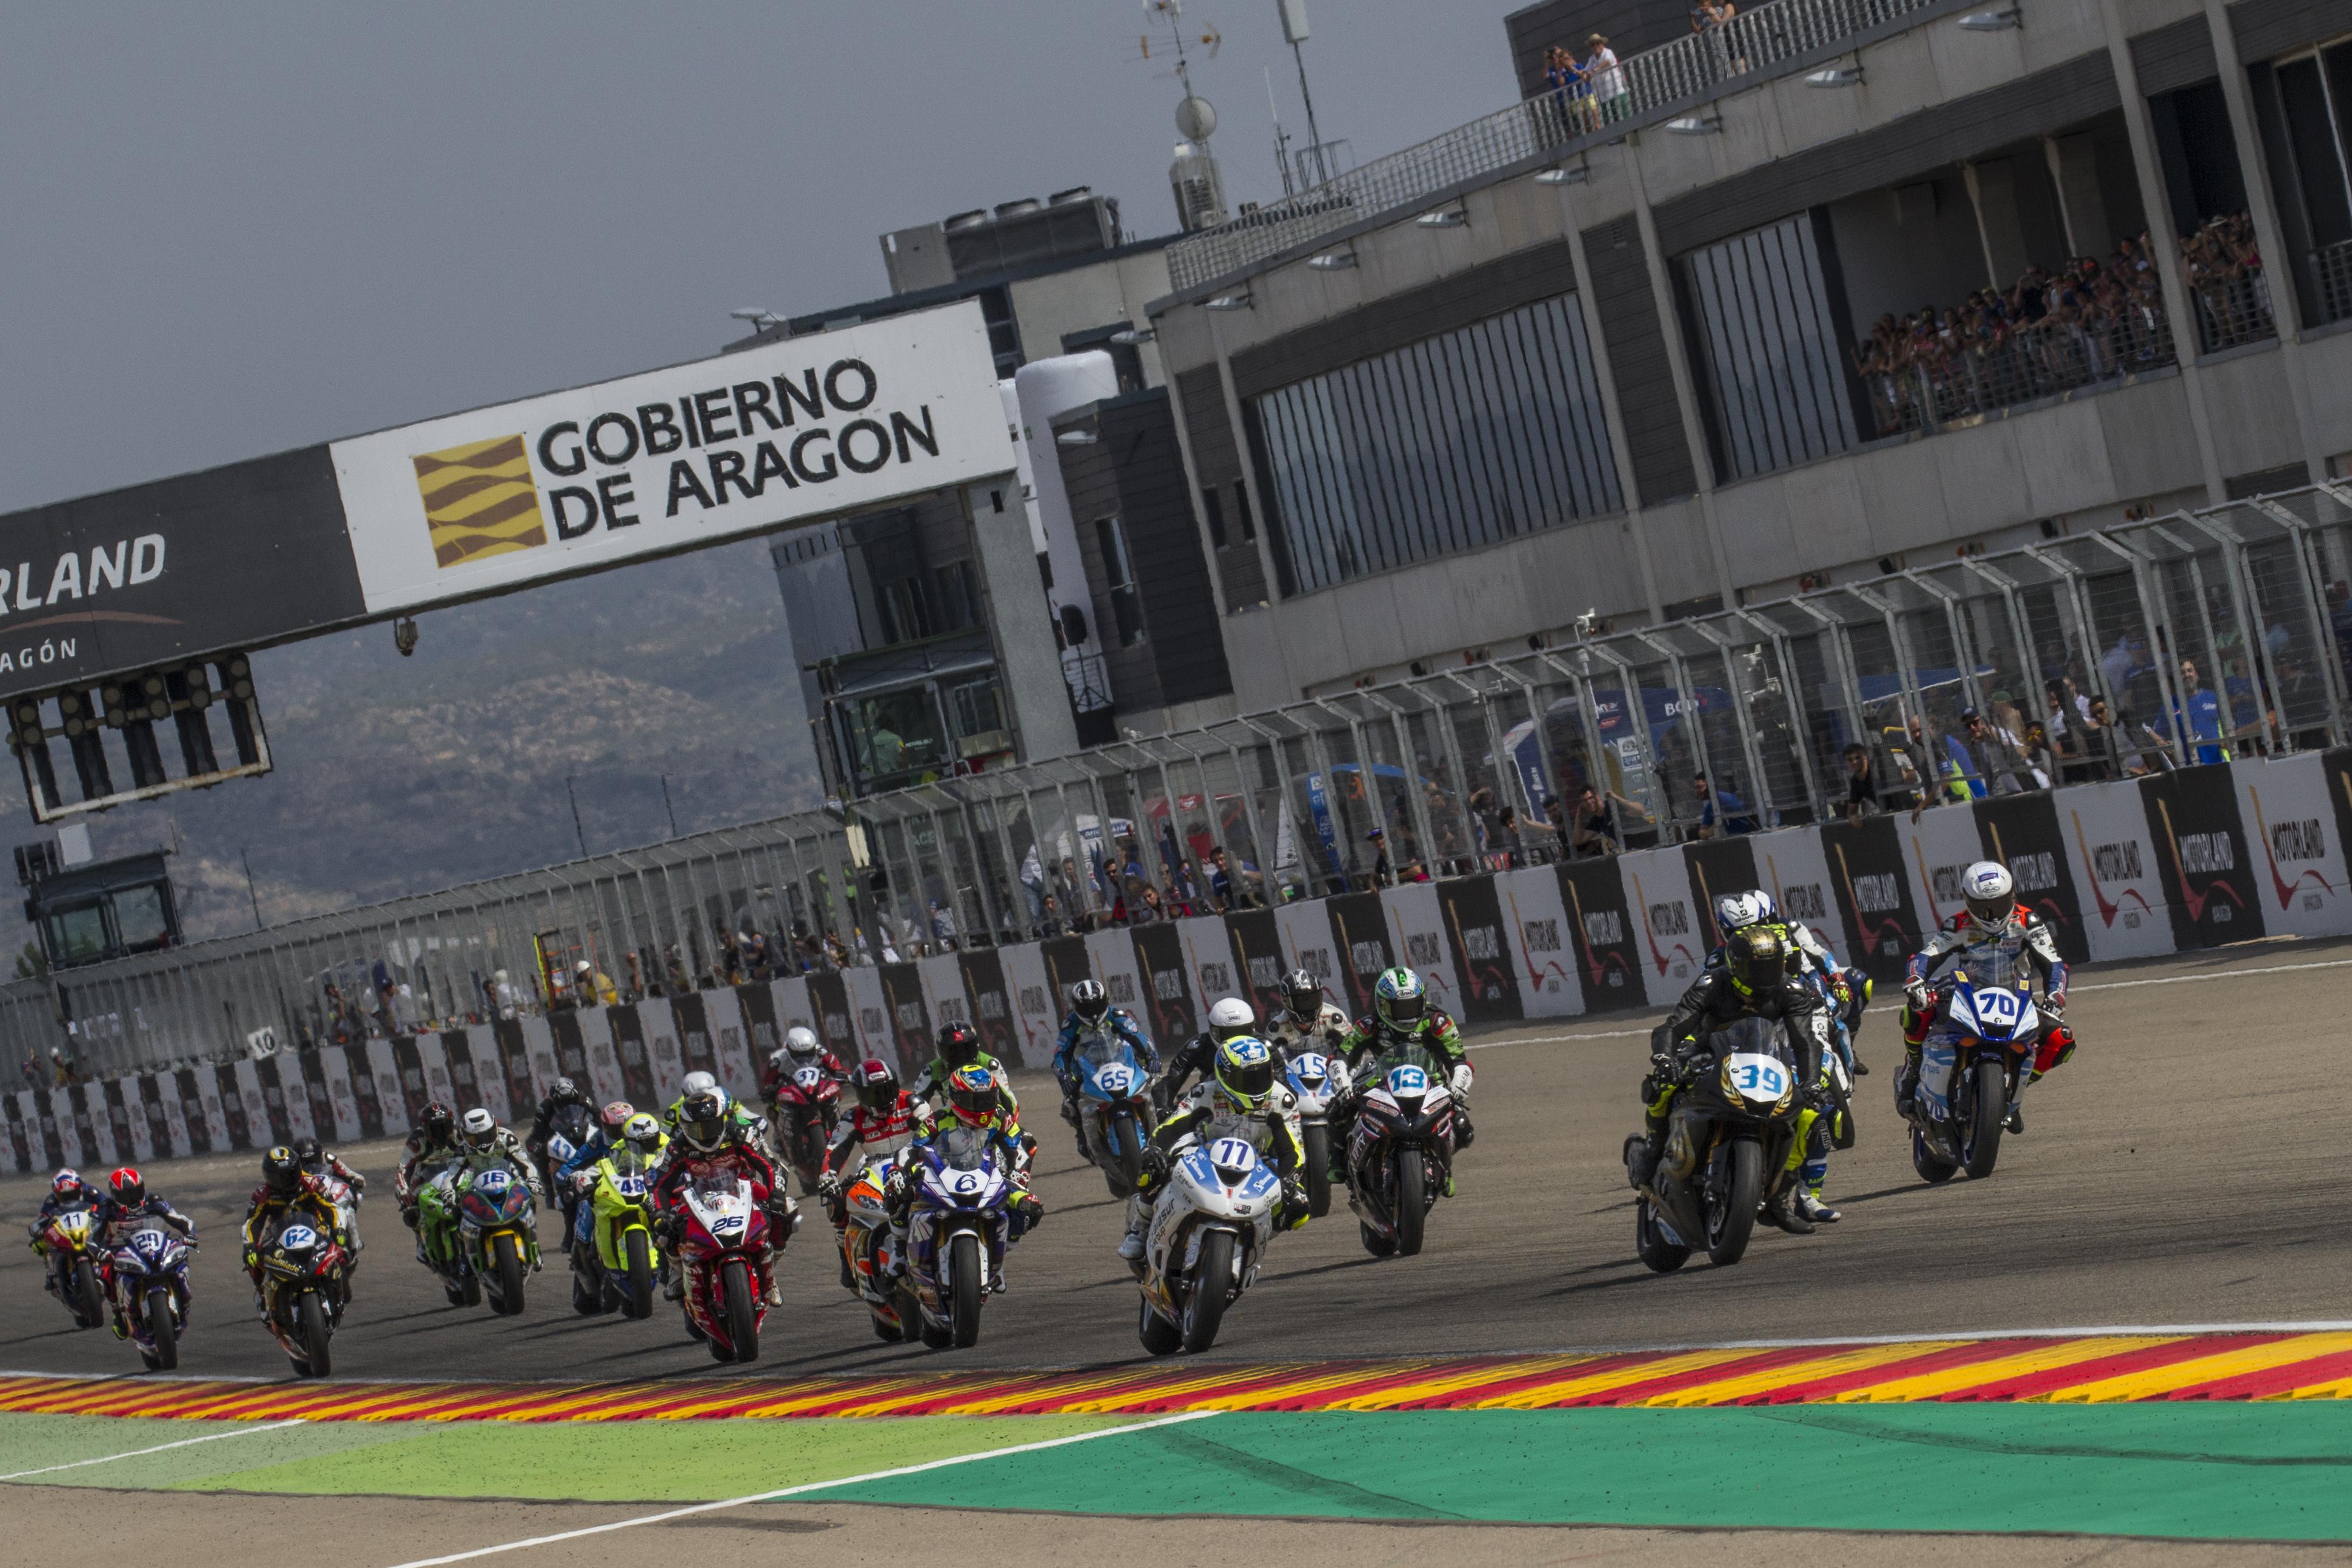 Circuito Motorland : Intenso fin de semana con doble manga en el circuito de motorland